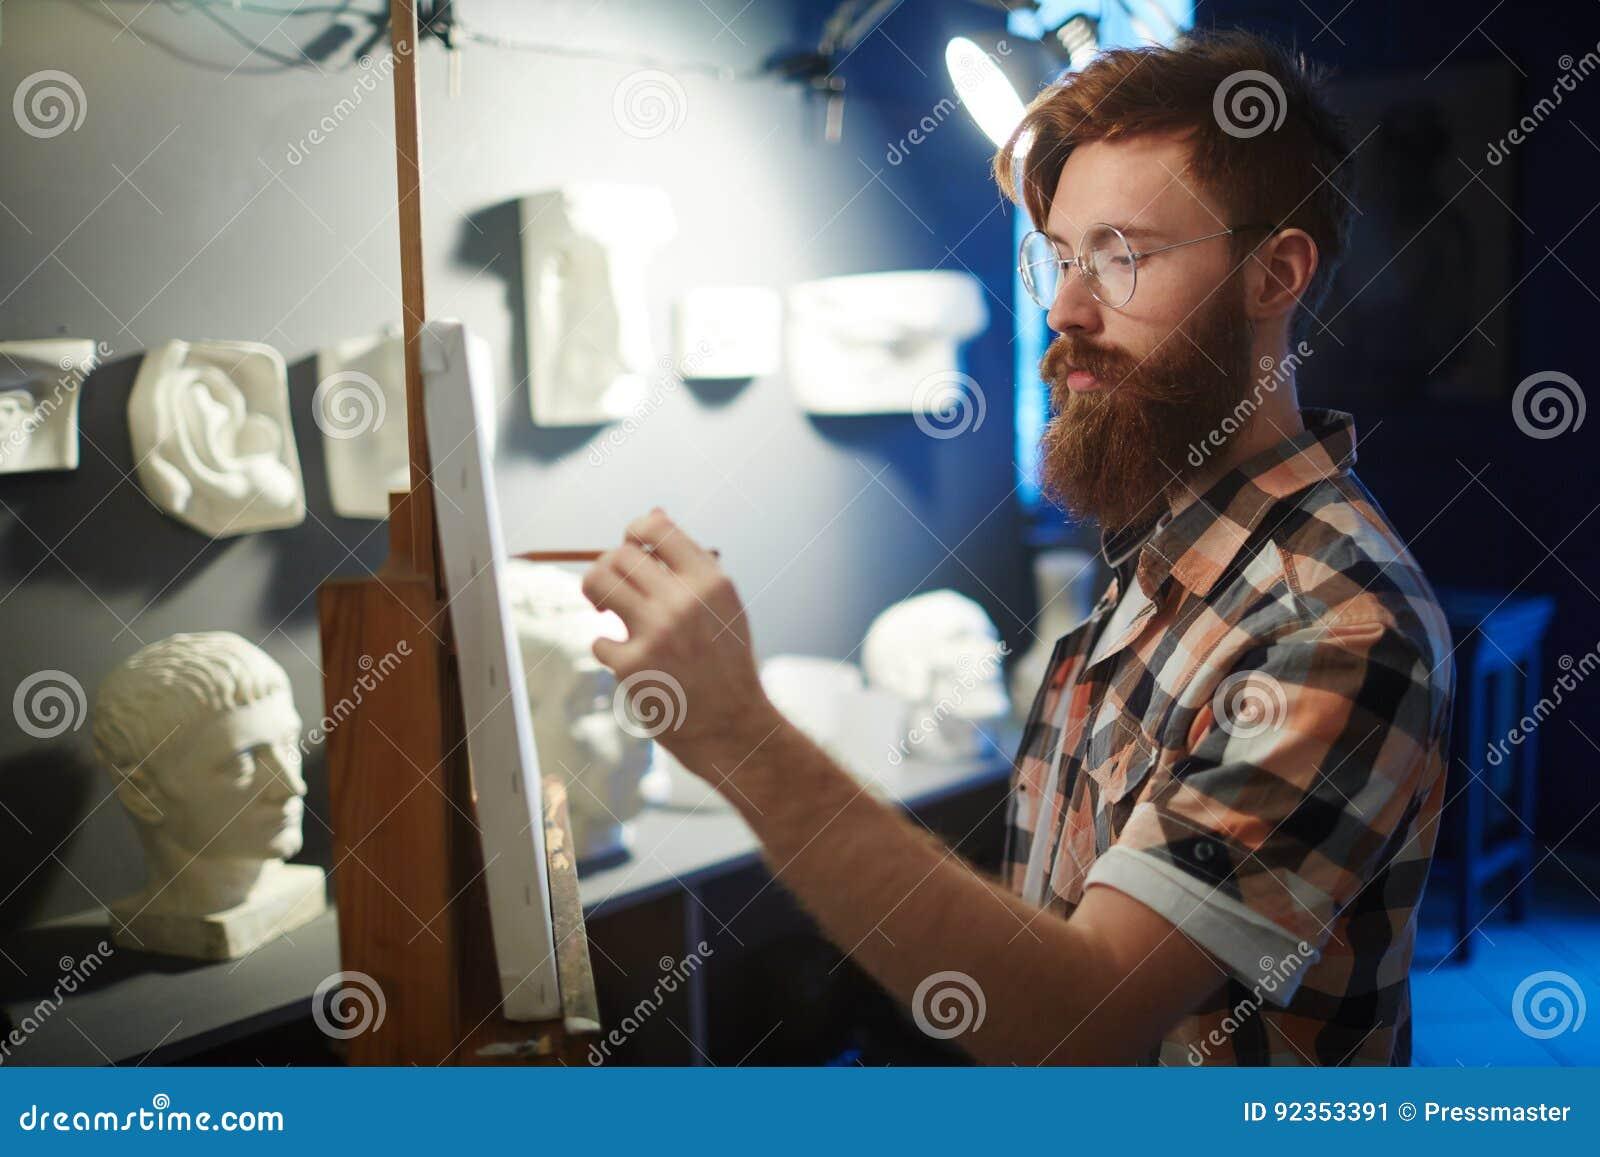 Dibujo Practicante De La Anatomía En Art Class Imagen de archivo ...